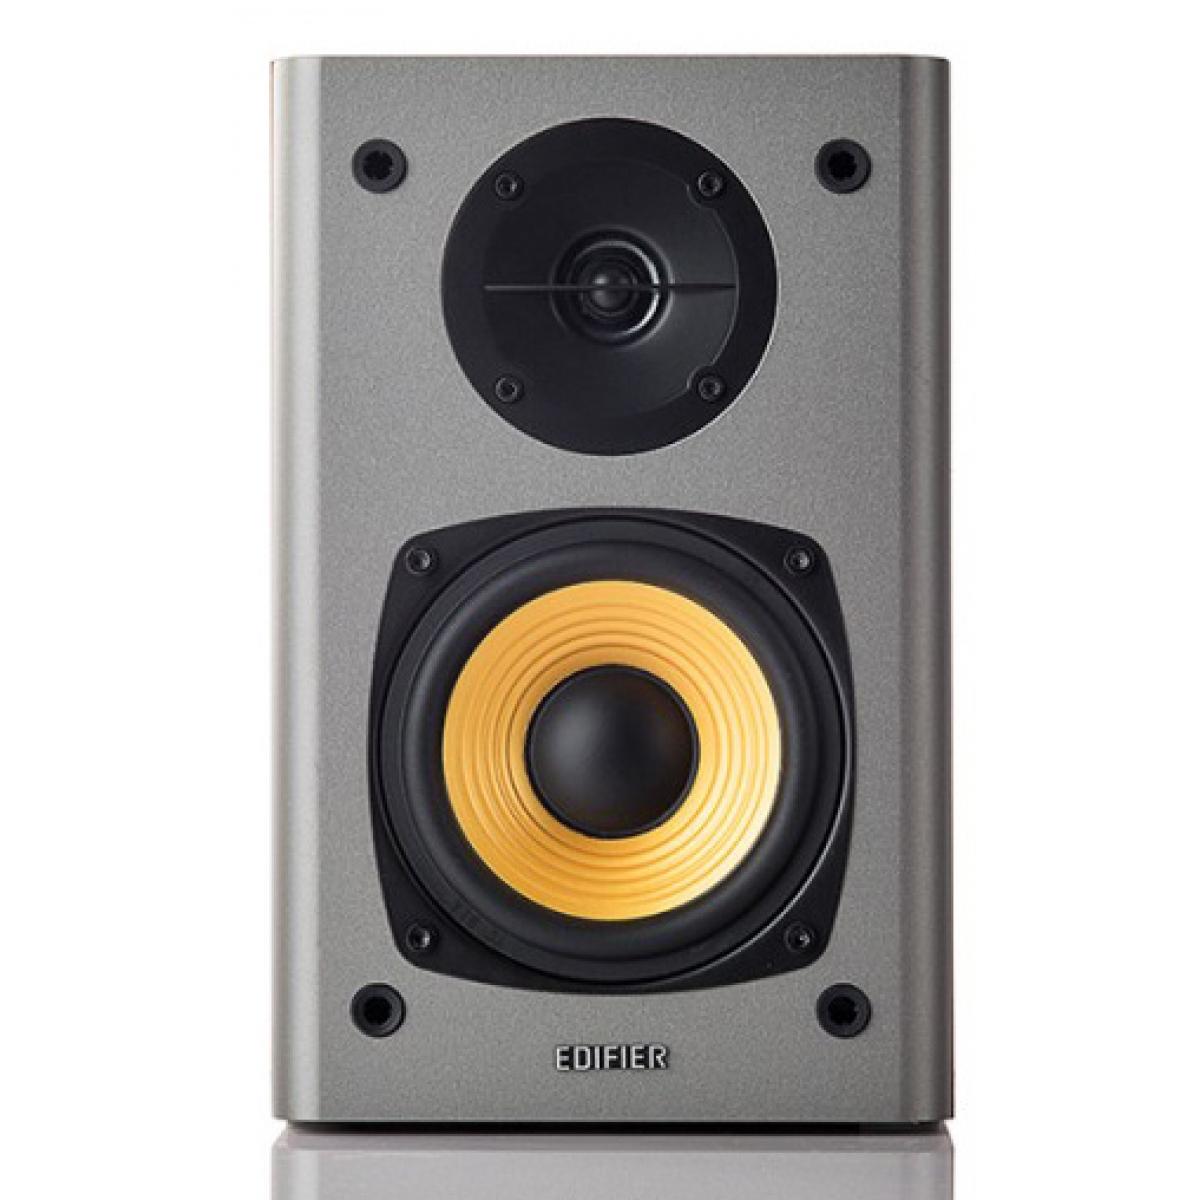 Caixa de Som Edifier R1000 T4 2.0 Madeira, 24W RMS